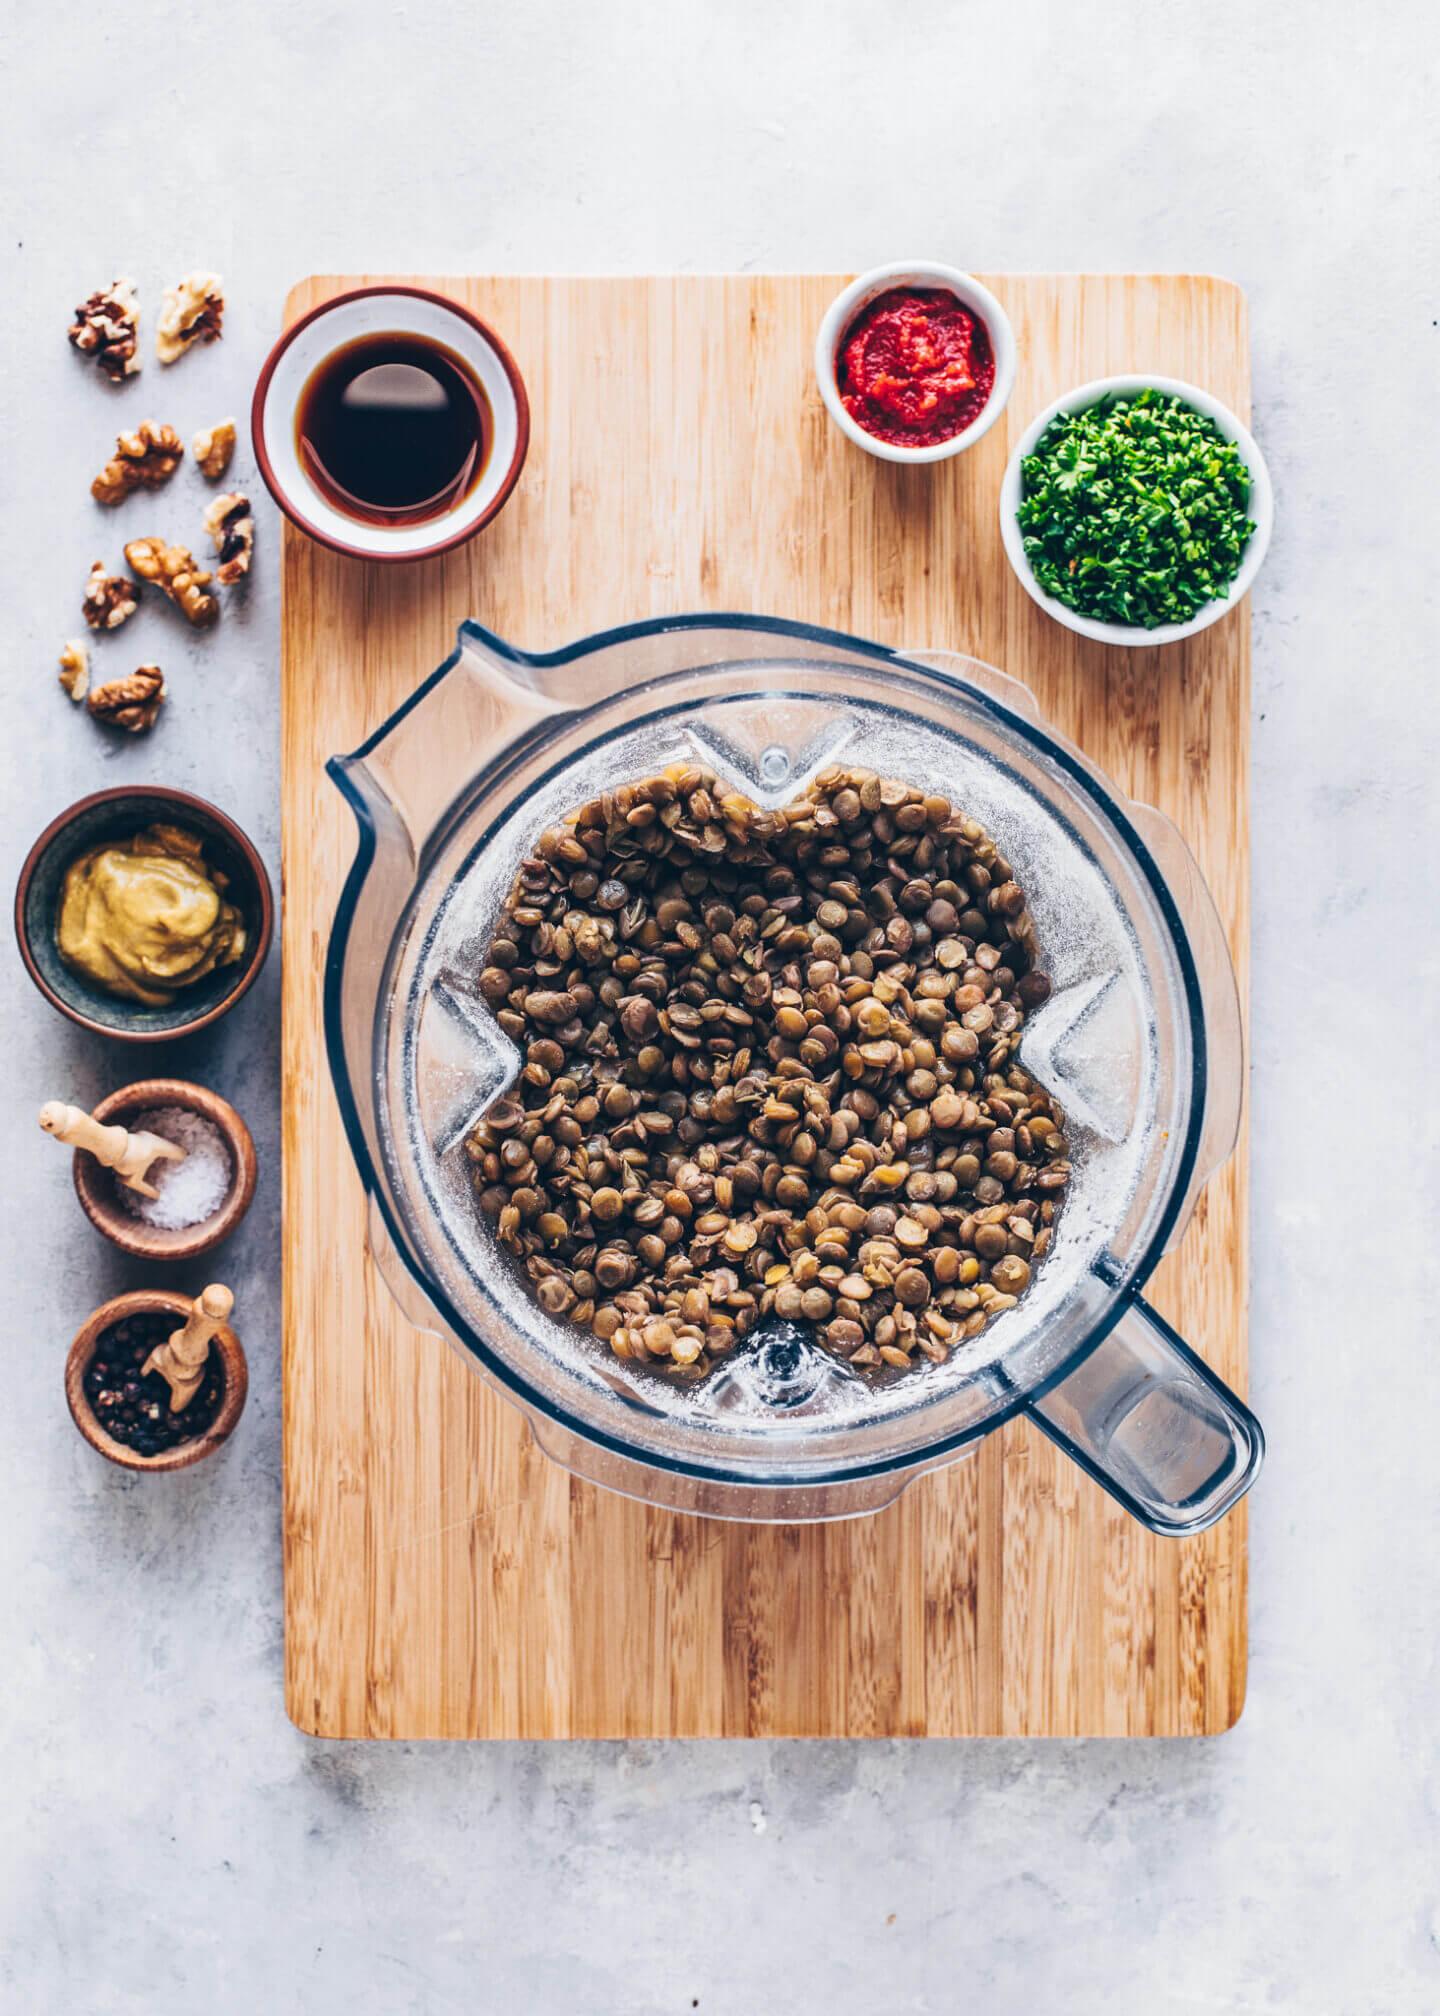 How to make lentil loaf